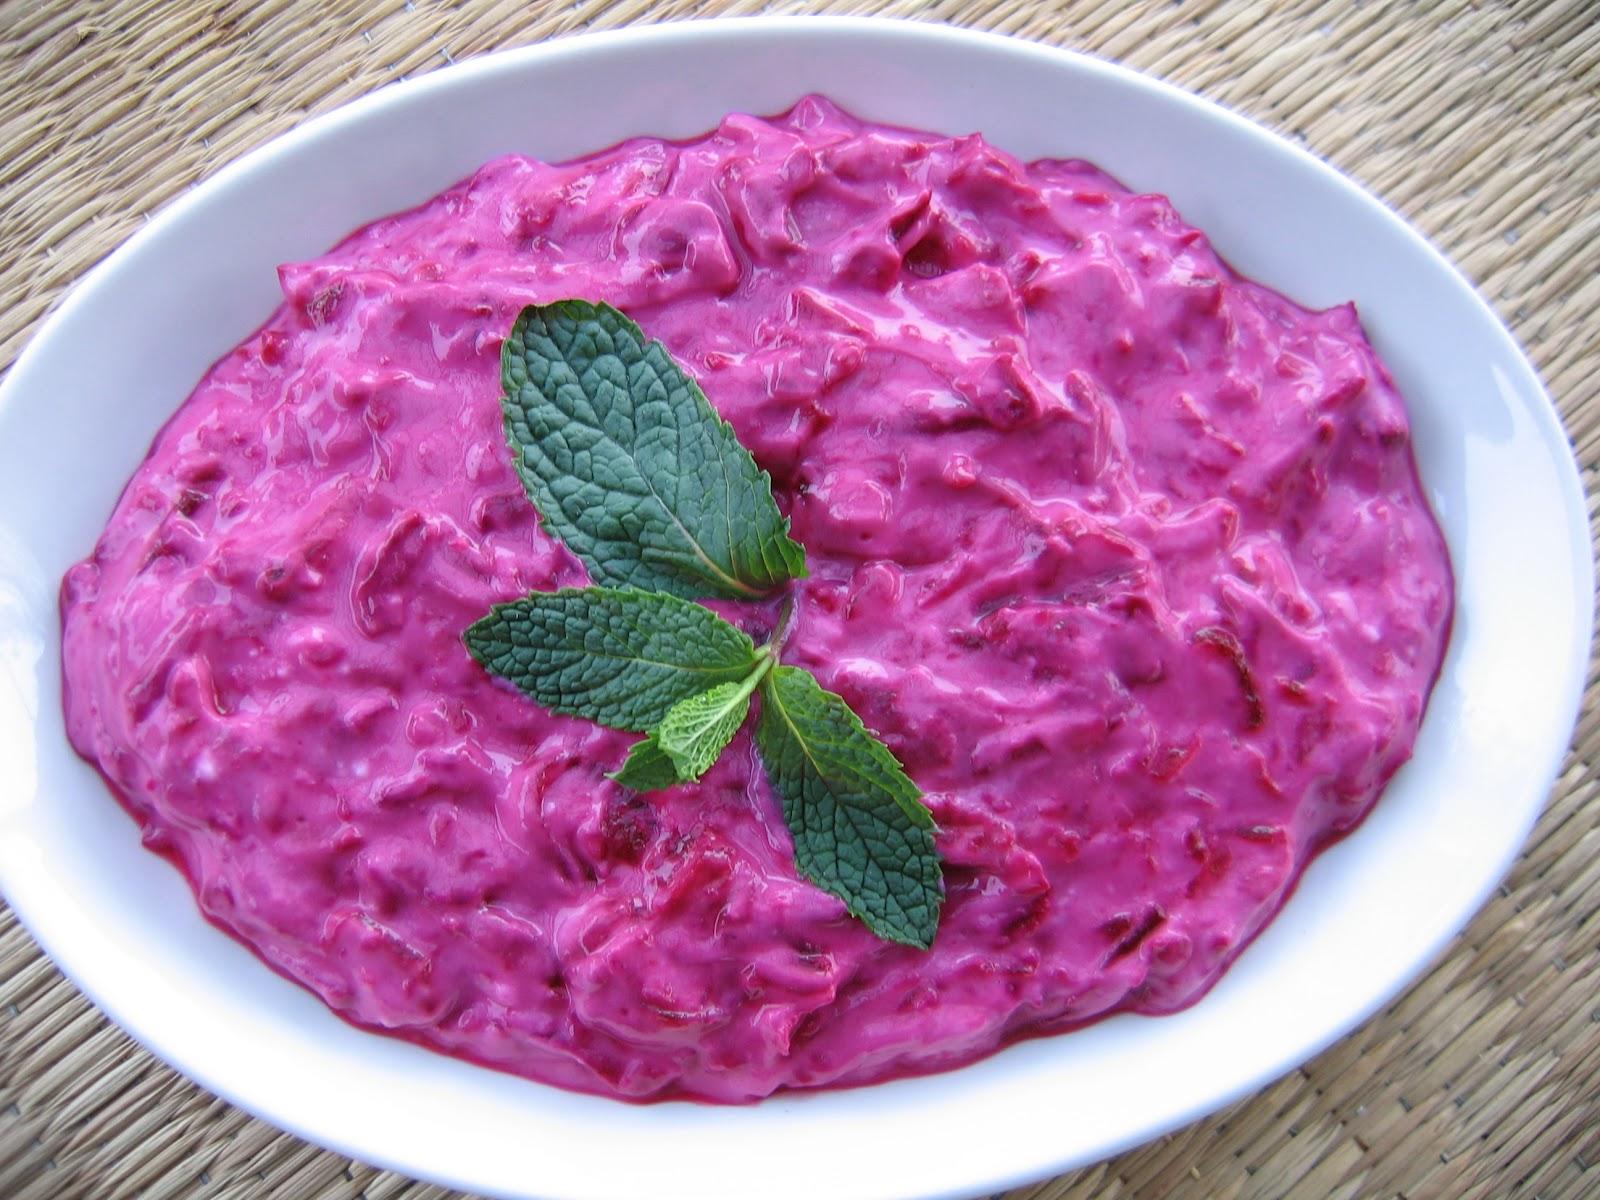 Yasemin's Kitchen: Pink Sultan – Beet Dip with Garlic Yogurt